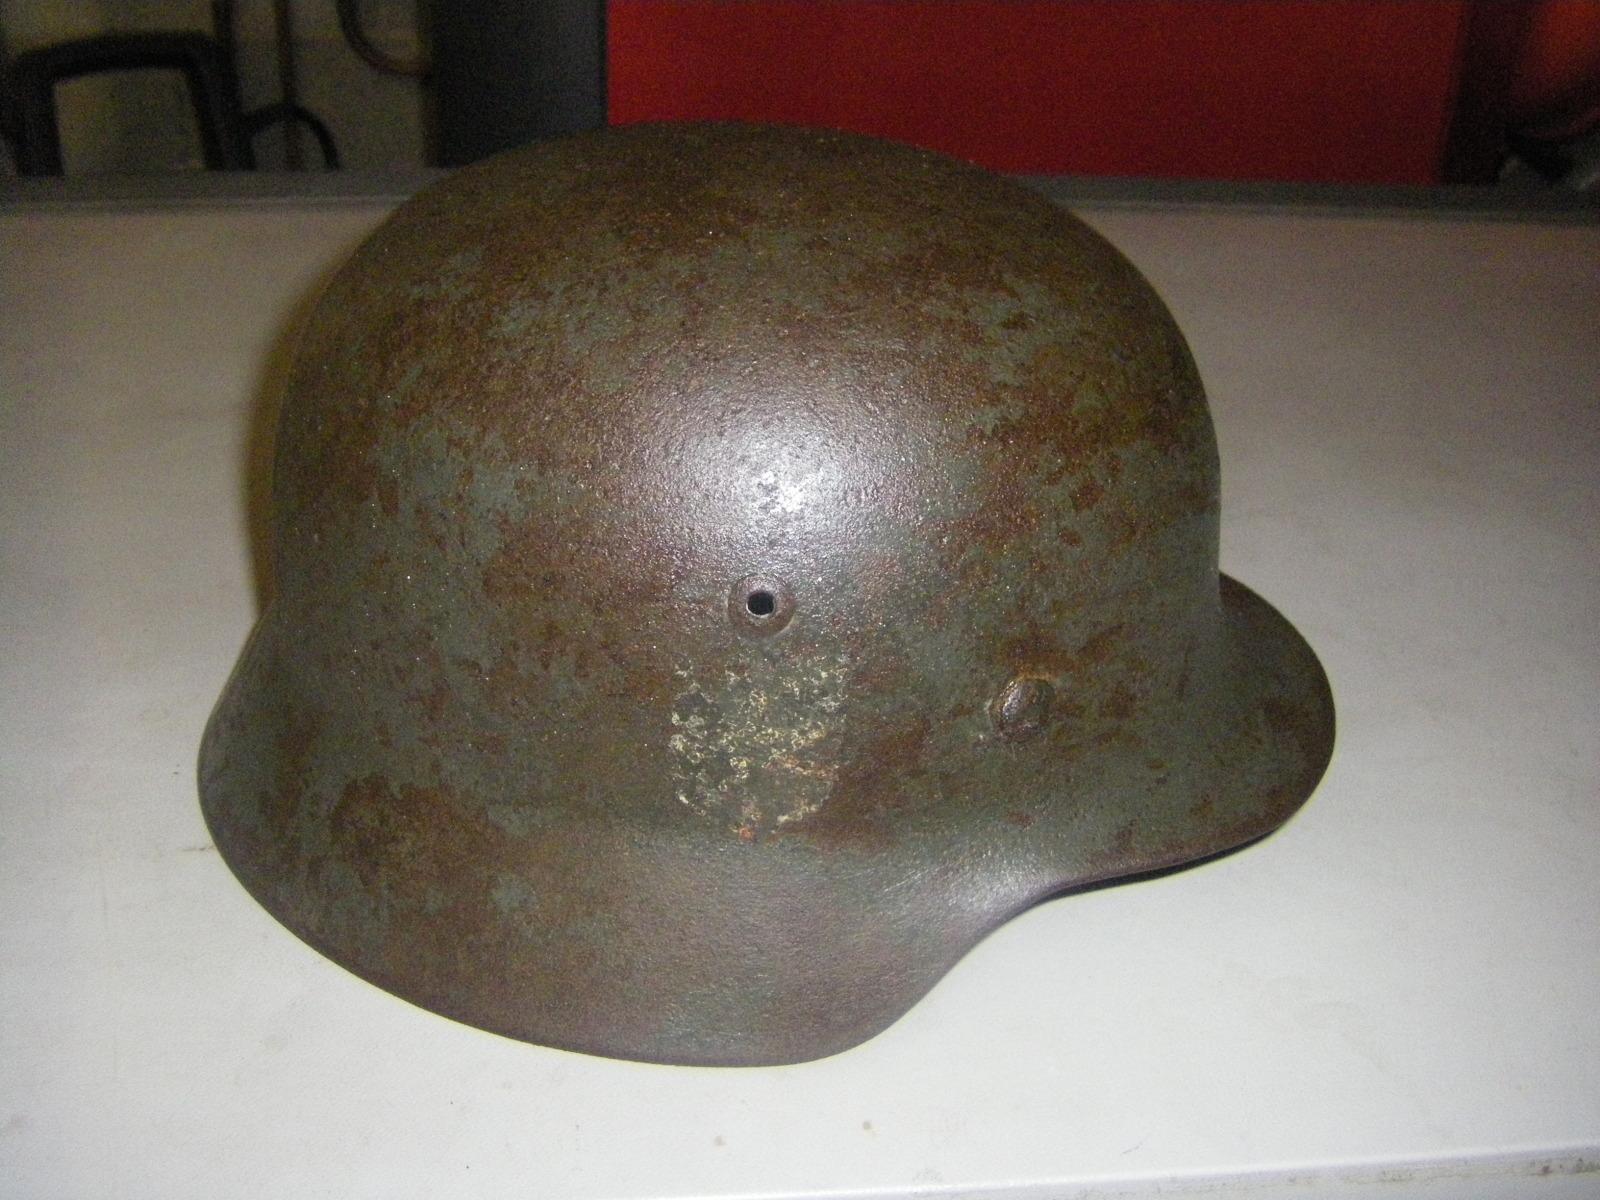 restauration d'un casque - Page 2 5aqa1h